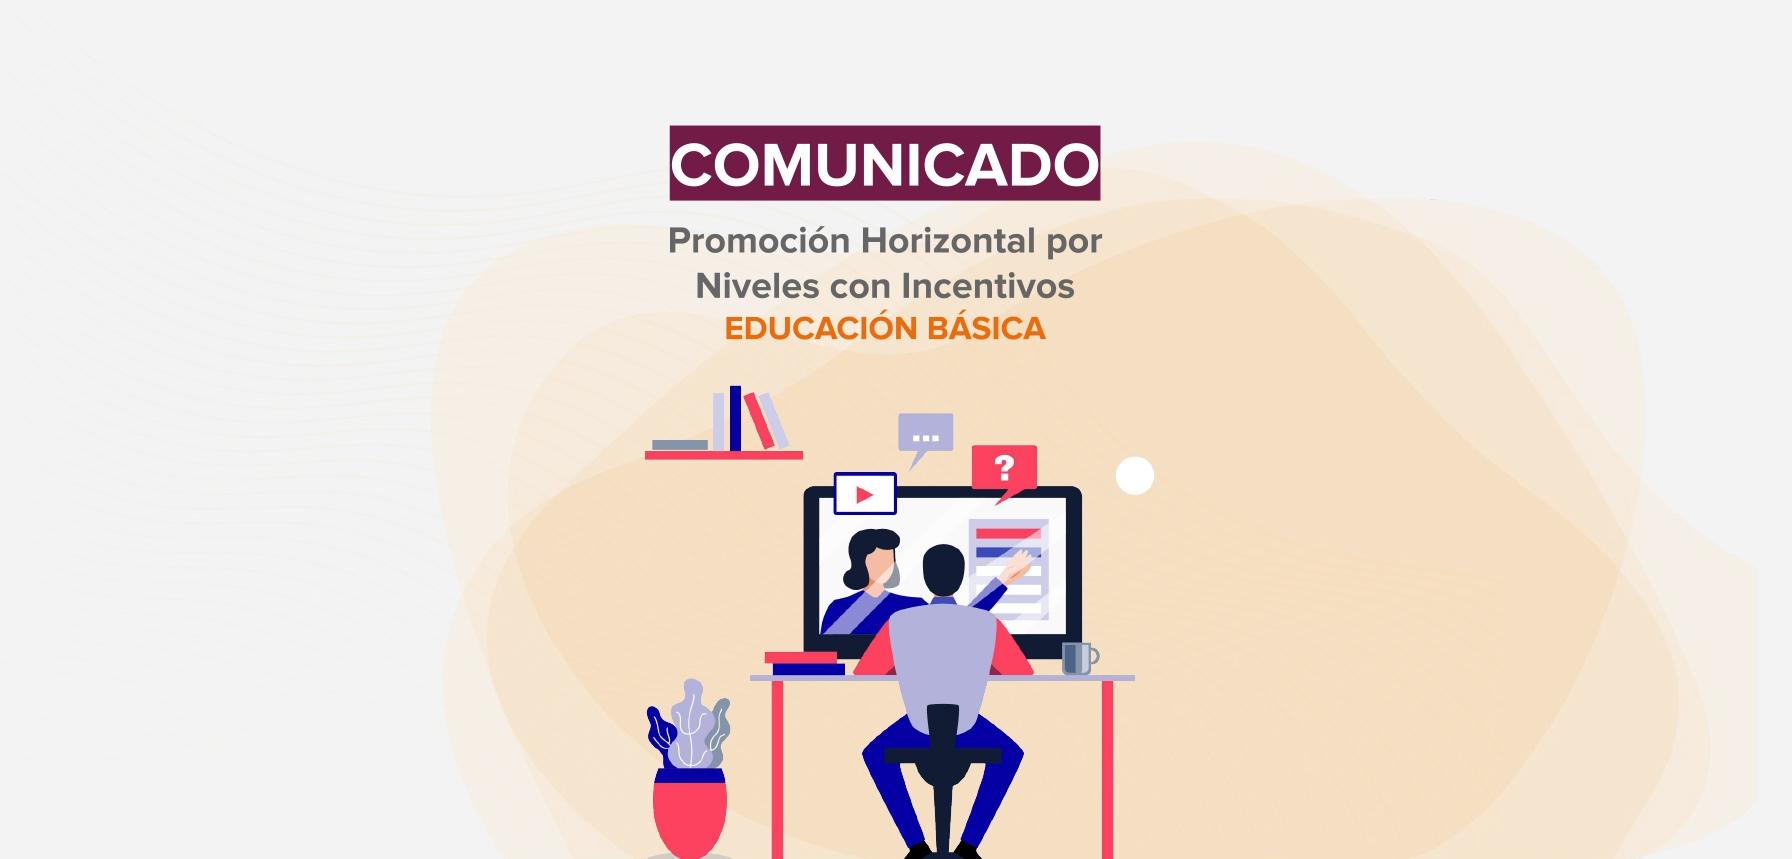 Comunicado. Programa de Promoción Horizontal por Niveles con Incentivos en Educación Básica